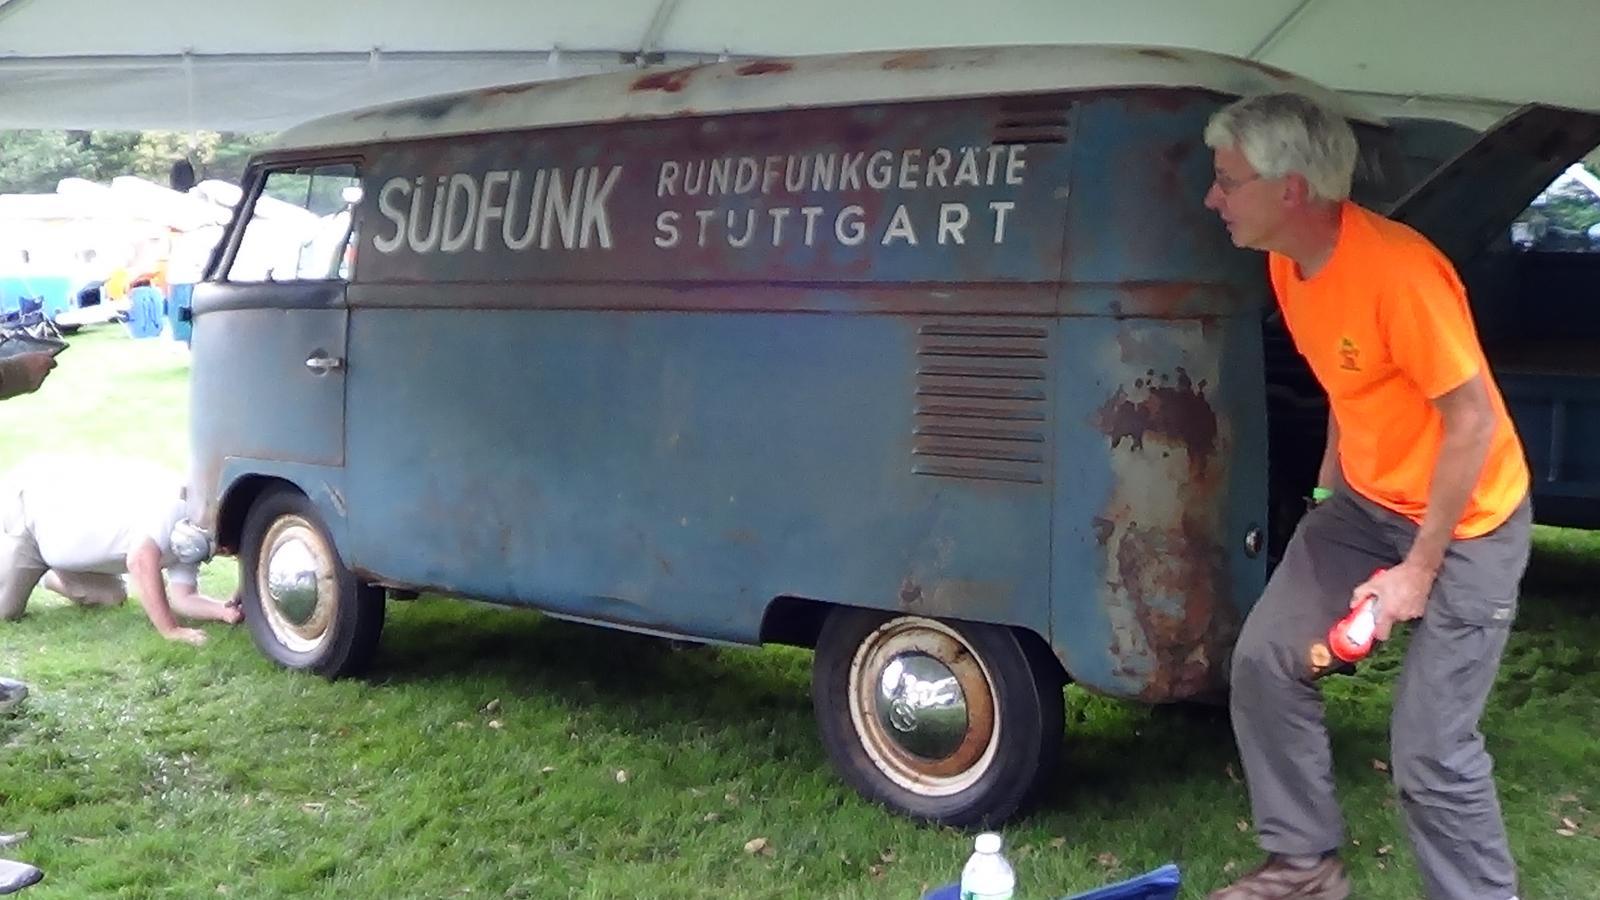 The 1950 Sudfunk Bus